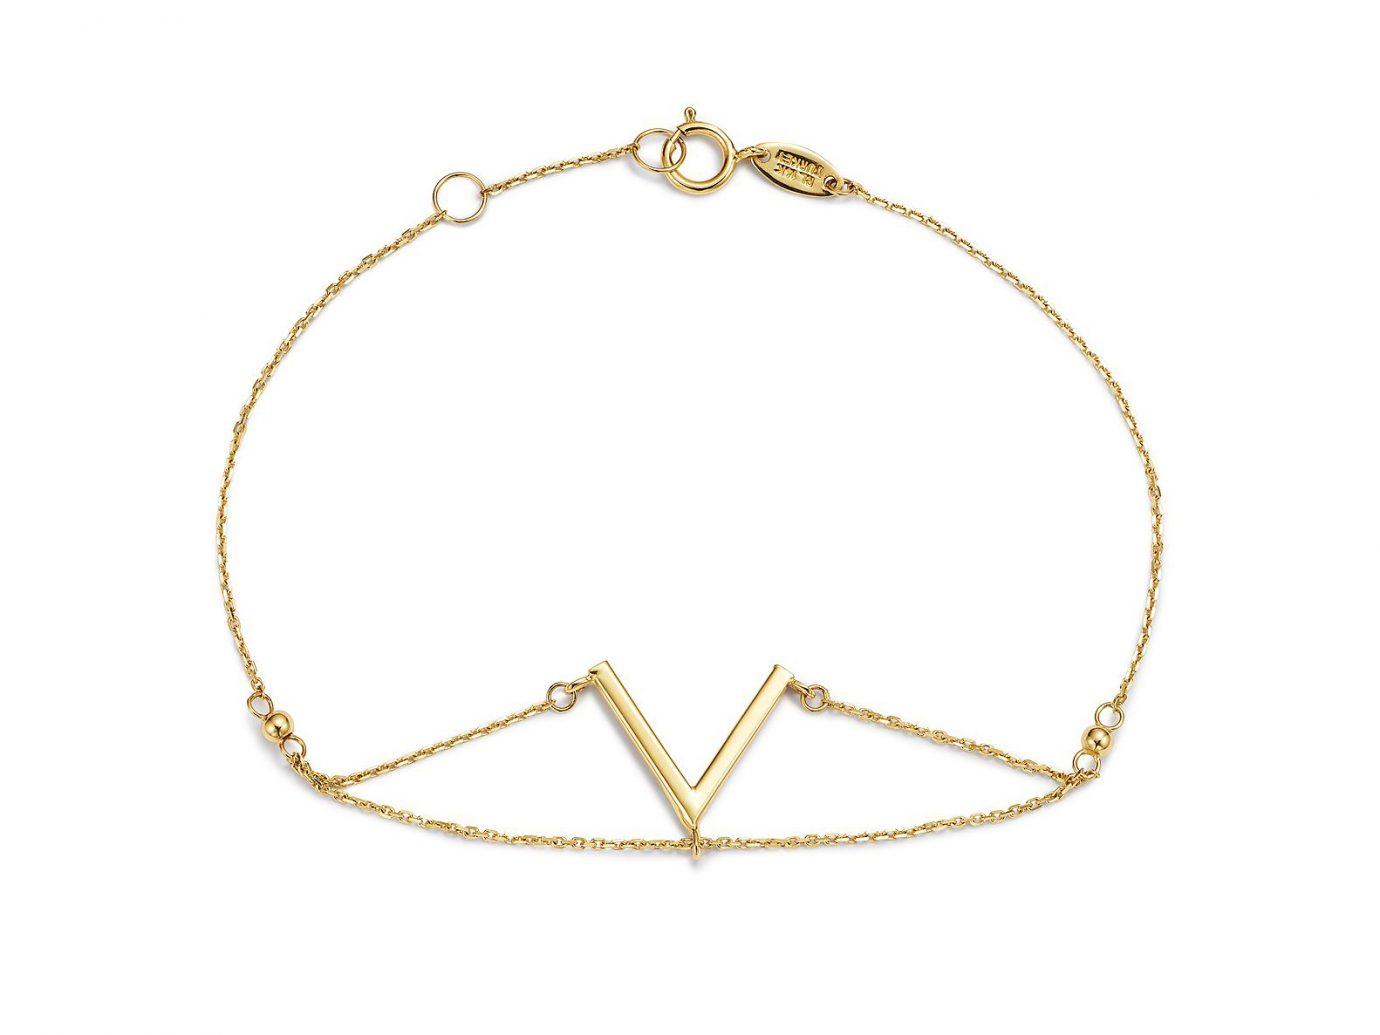 Moon & Meadow V Chain Bracelet in 14K Yellow Gold